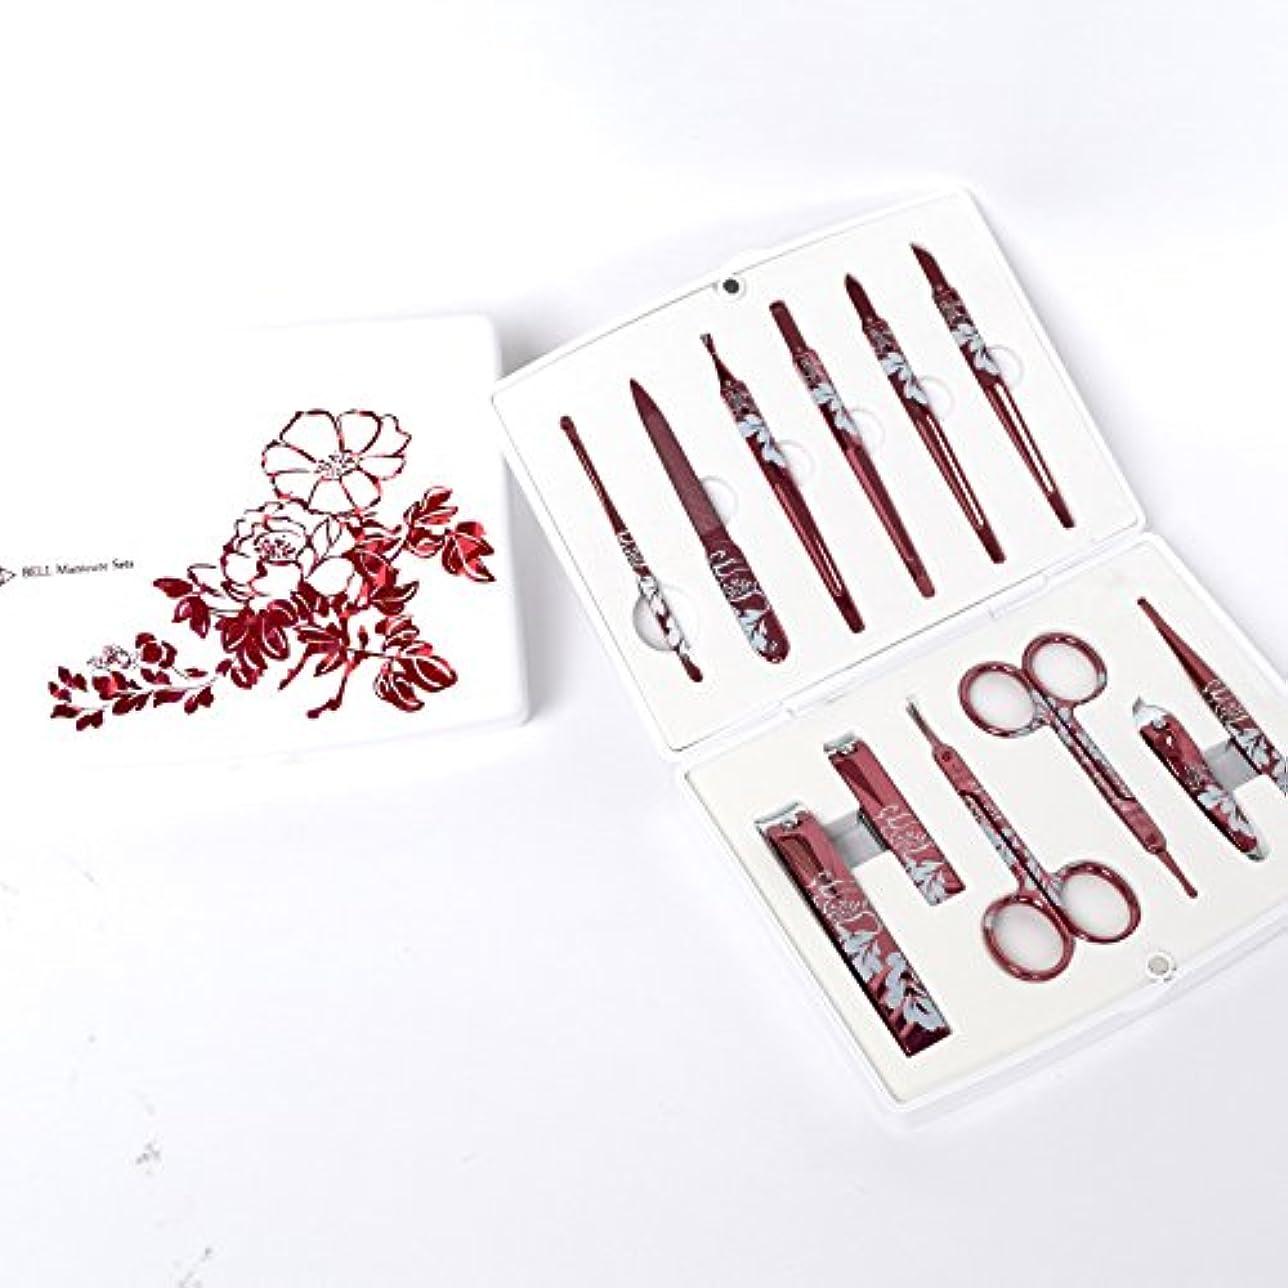 ブリリアント感嘆ベリBELL Manicure Sets BM-500A ポータブル爪の管理セット 爪切りセット 高品質のネイルケアセット高級感のある東洋画のデザイン Portable Nail Clippers Nail Care Set